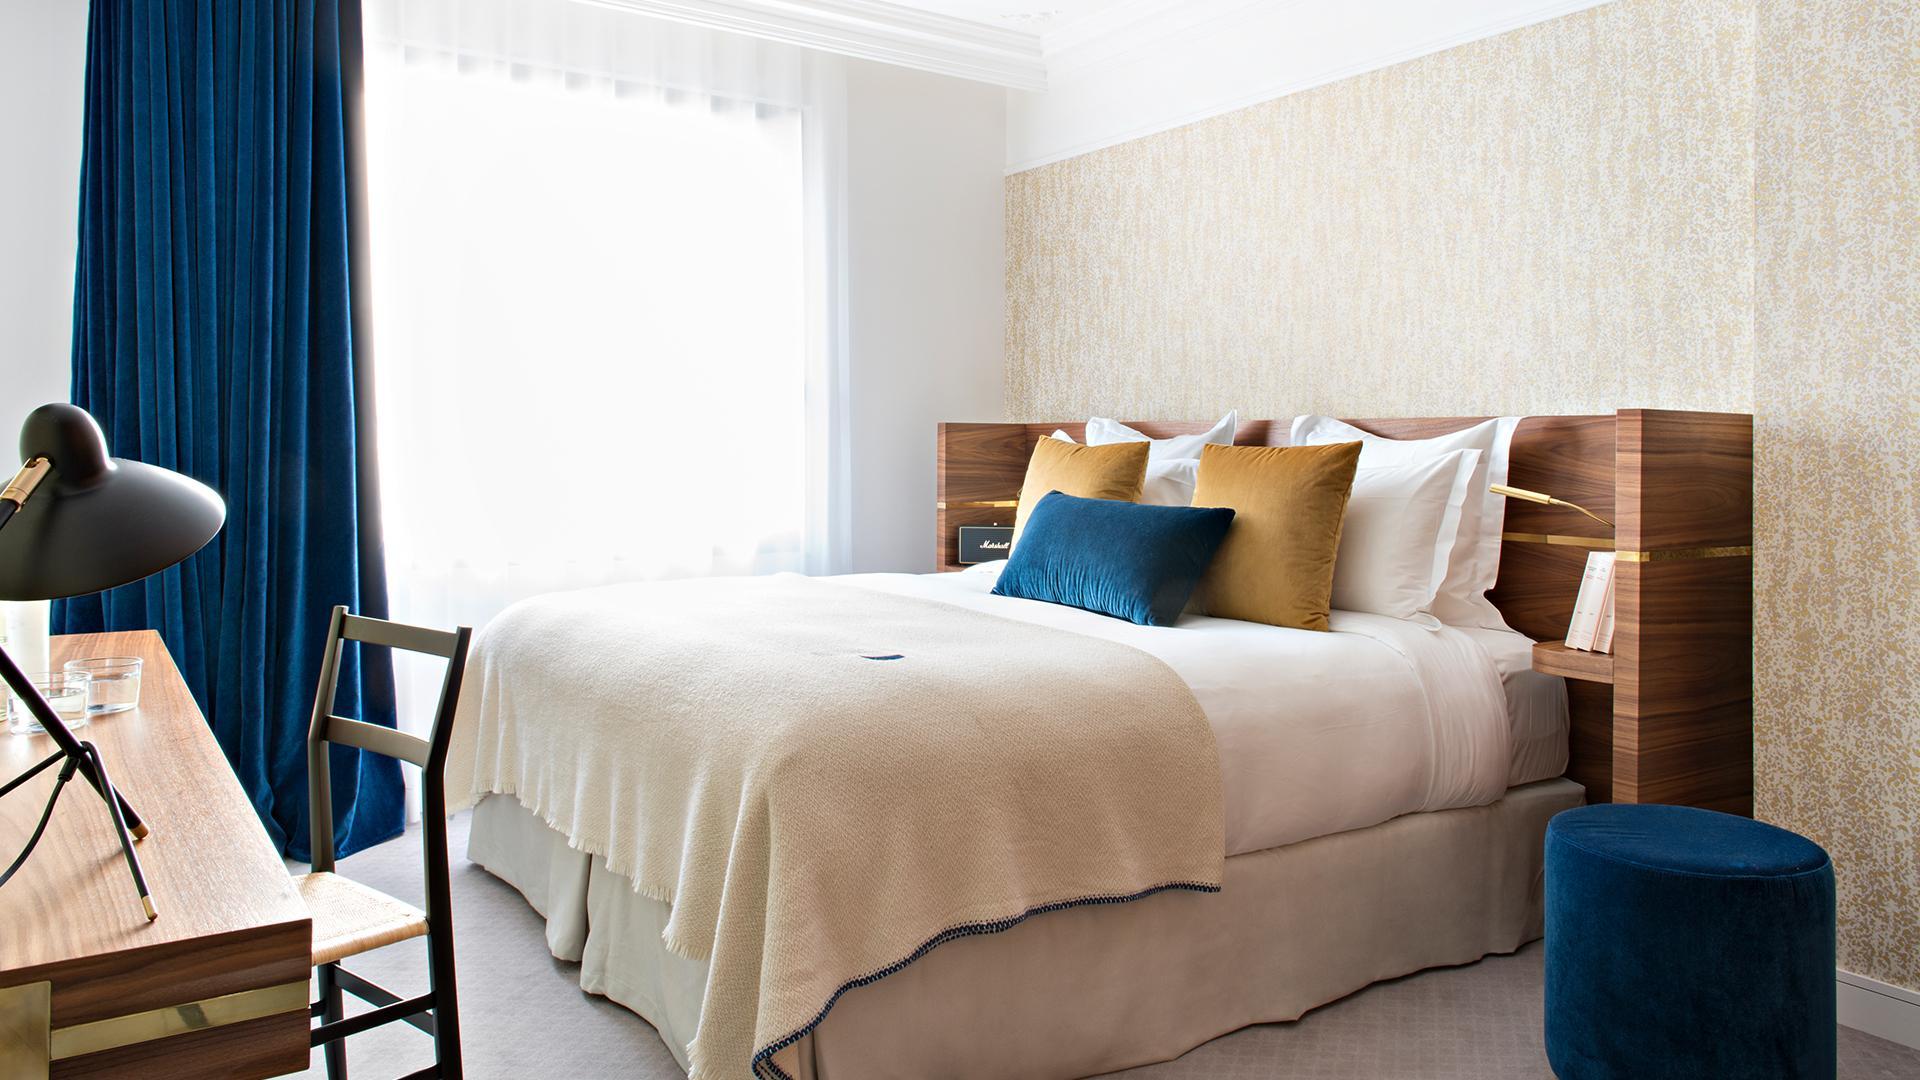 Deluxe Room image 1 at Hotel Parister by Arrondissement de Paris, Île-de-France, France